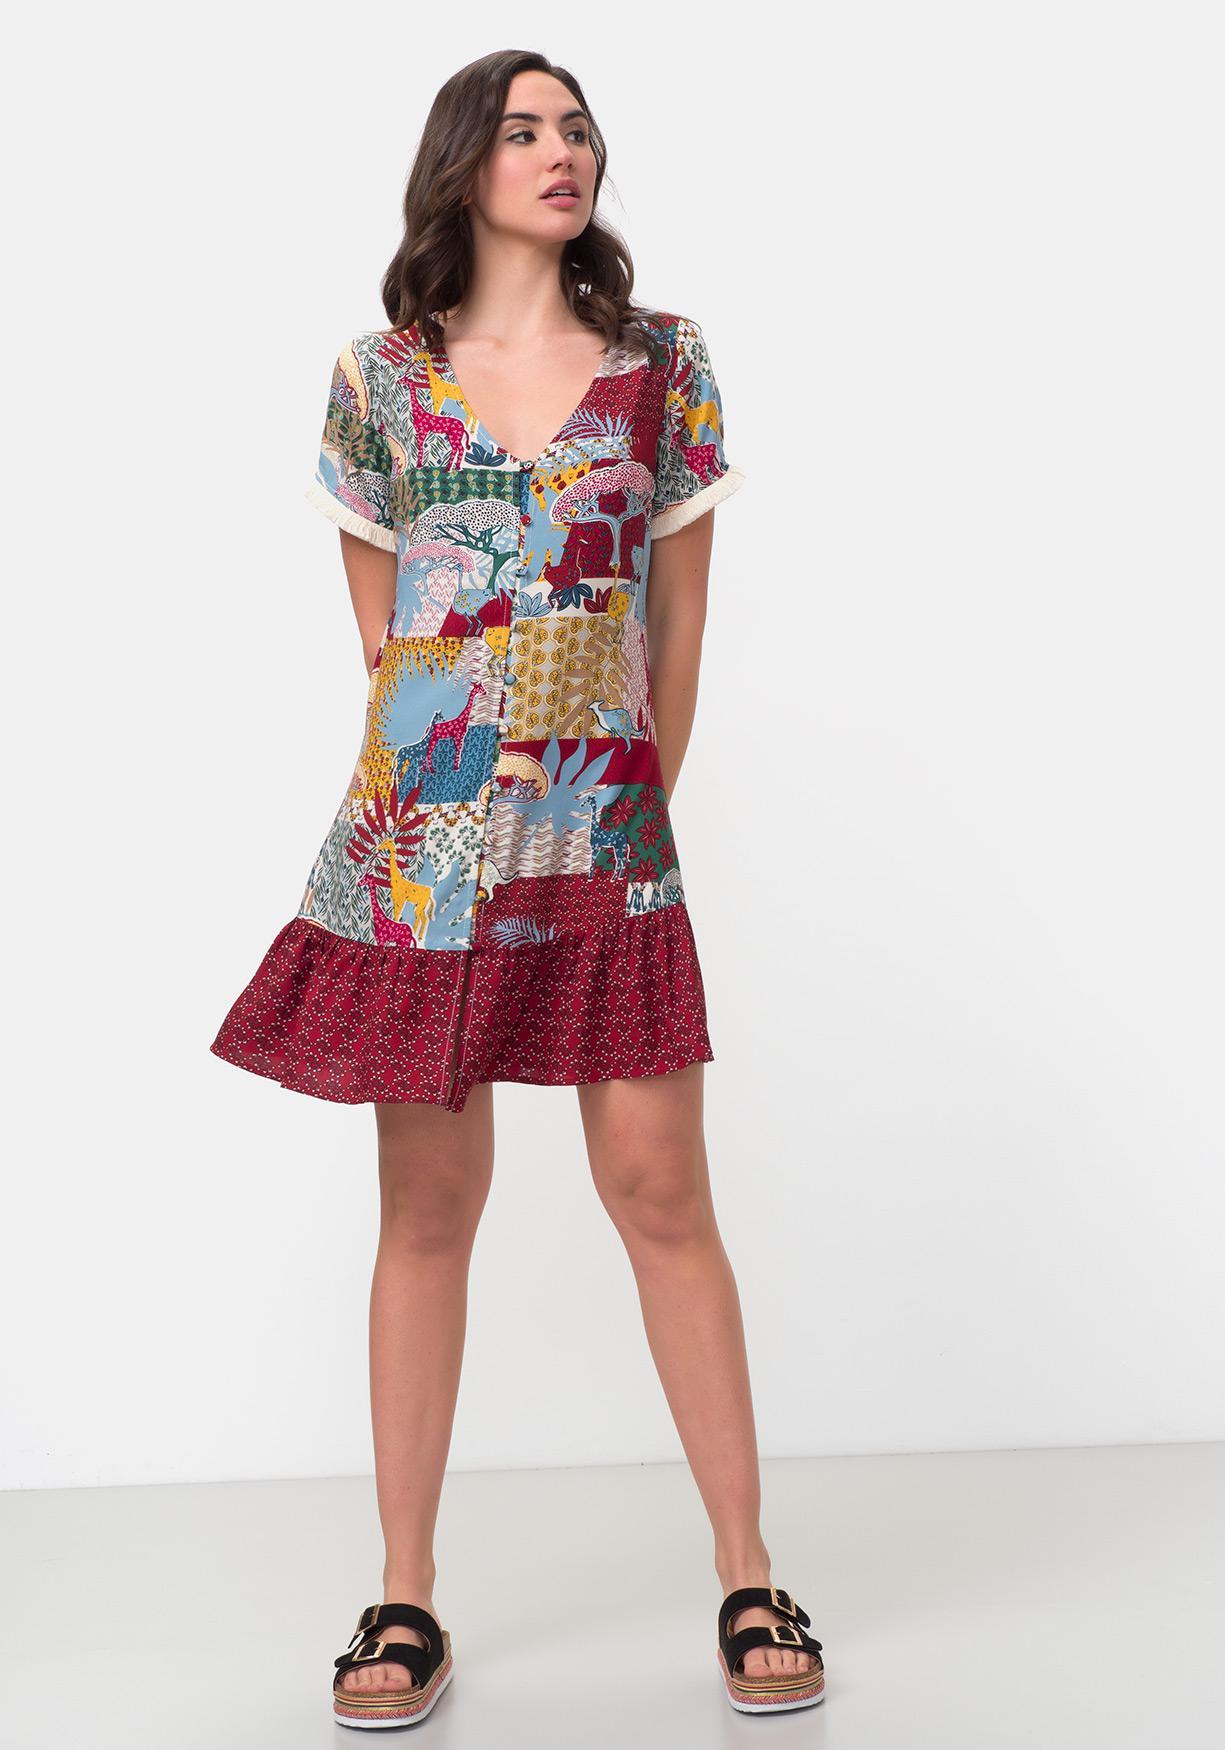 661608d5c Comprar Vestido corto TEX. ¡Aprovéchate de nuestros precios y ...